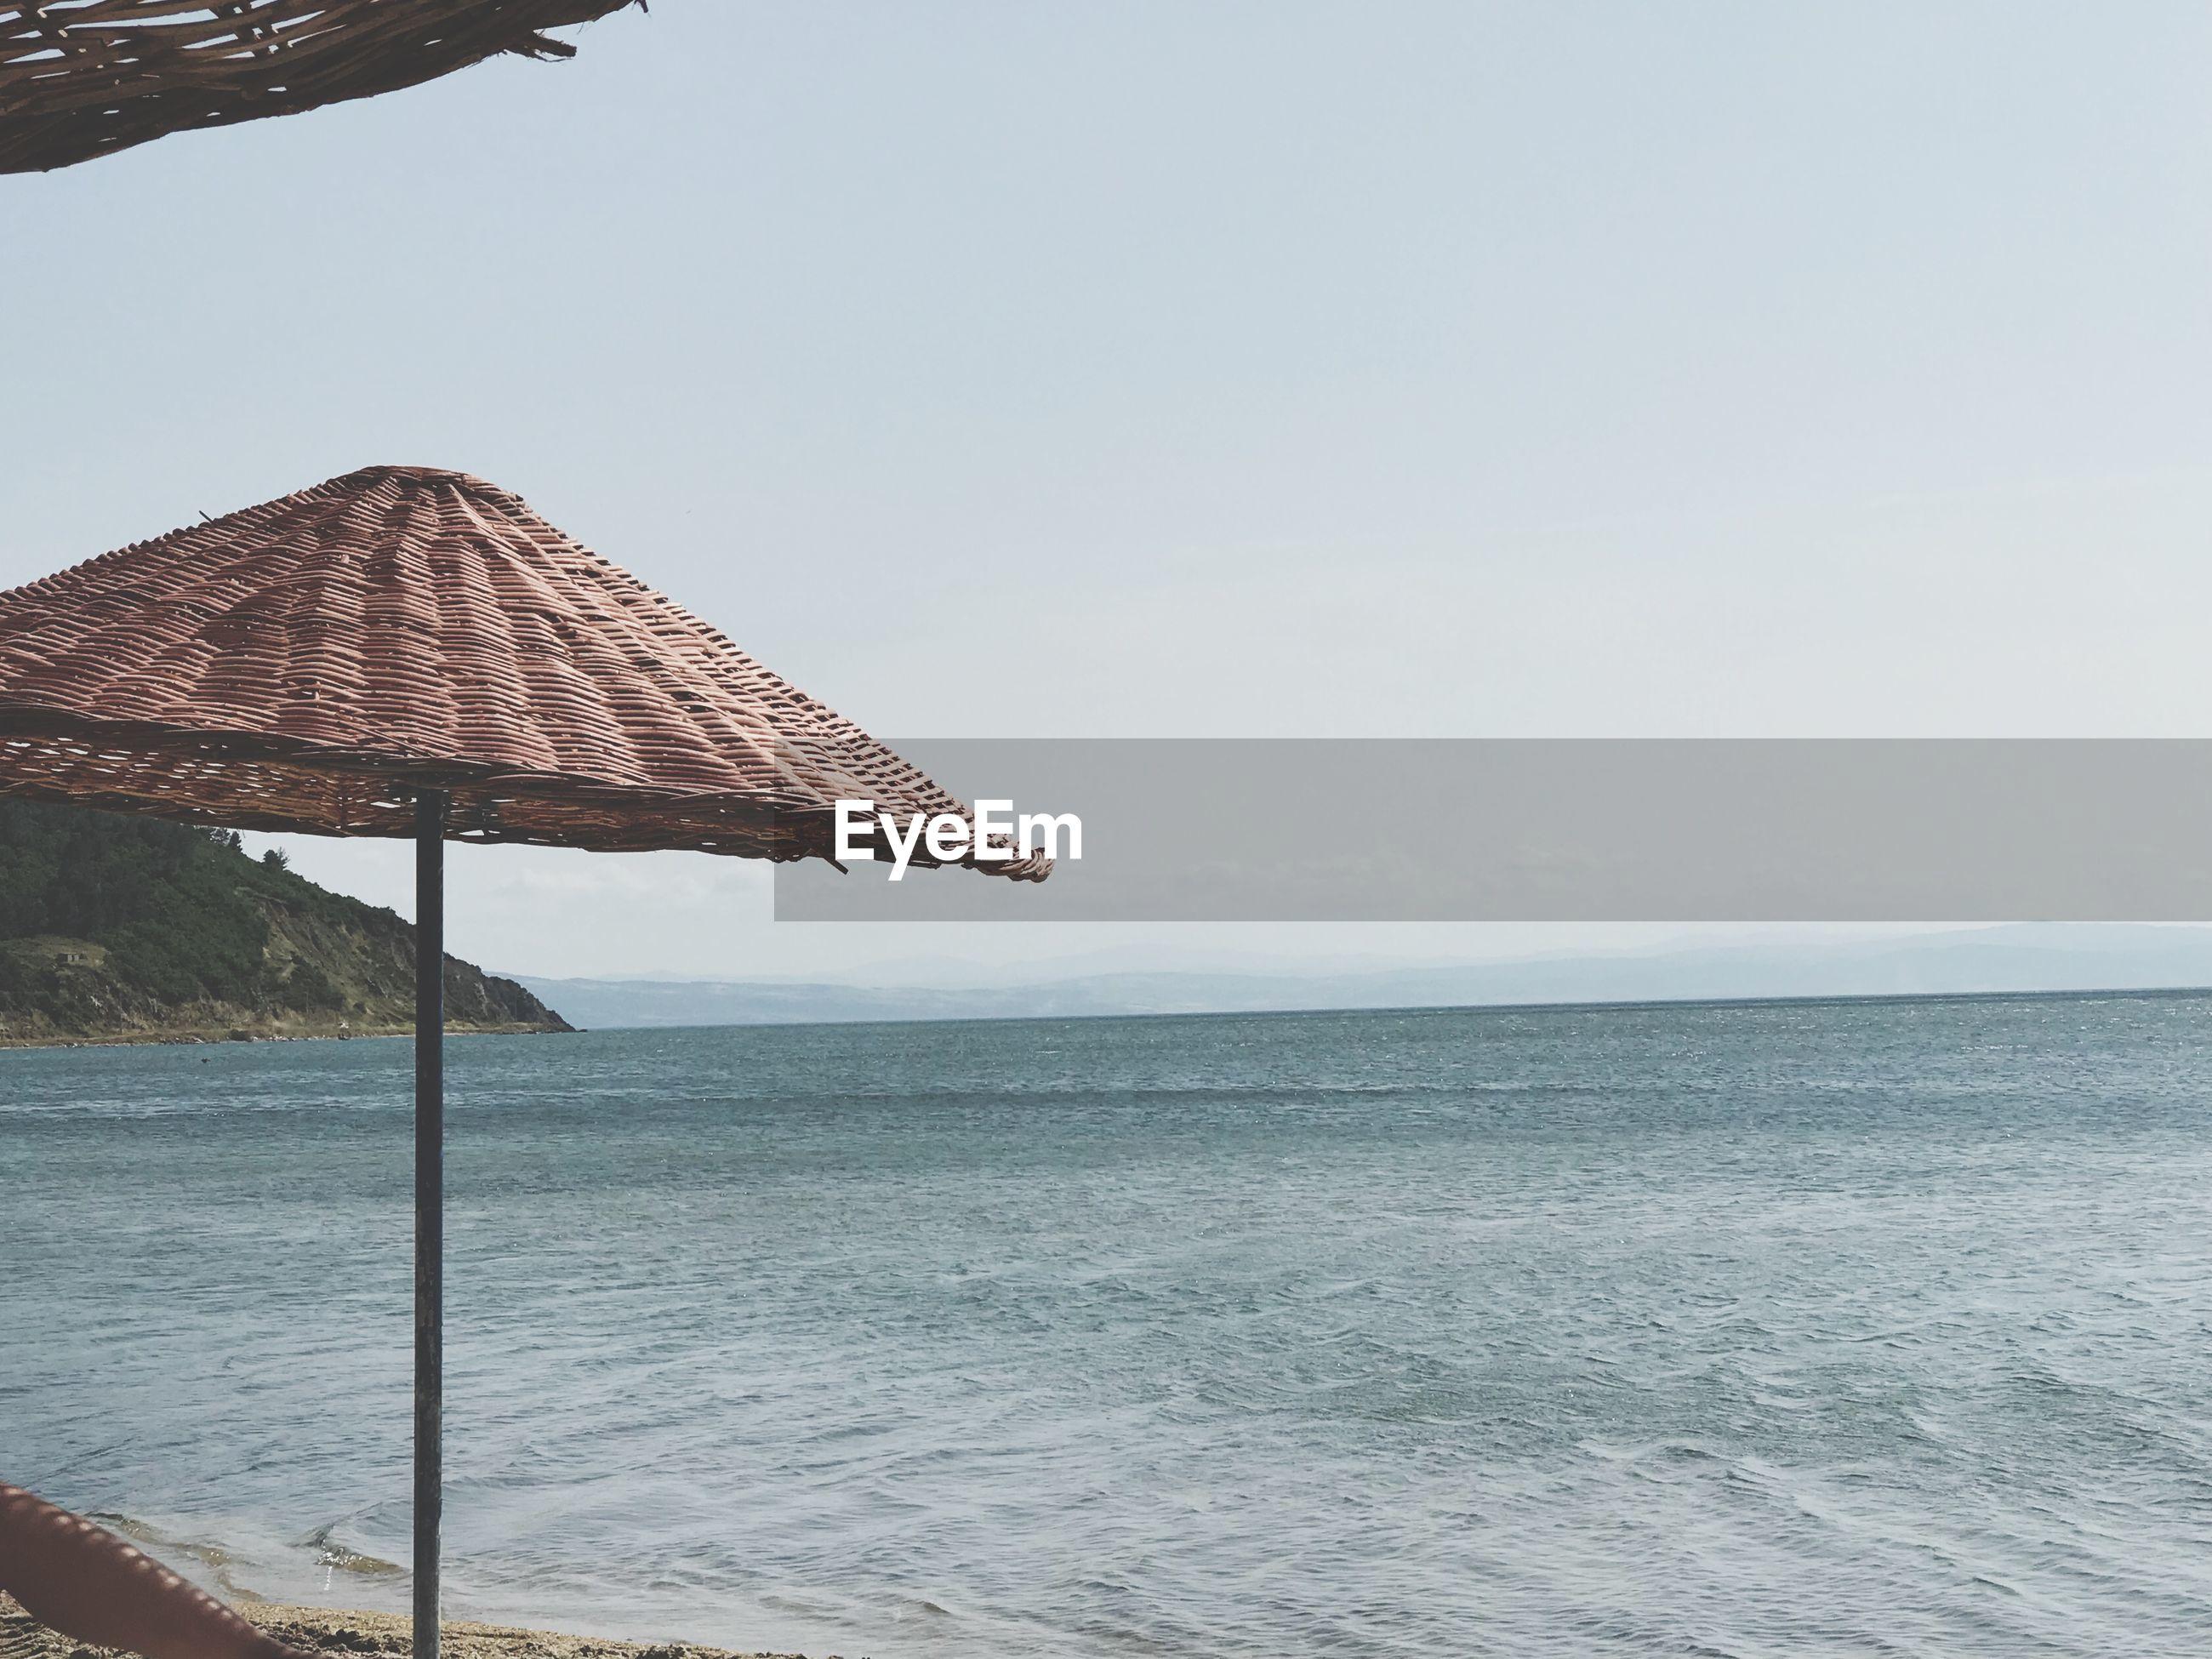 GAZEBO ON BEACH AGAINST CLEAR SKY